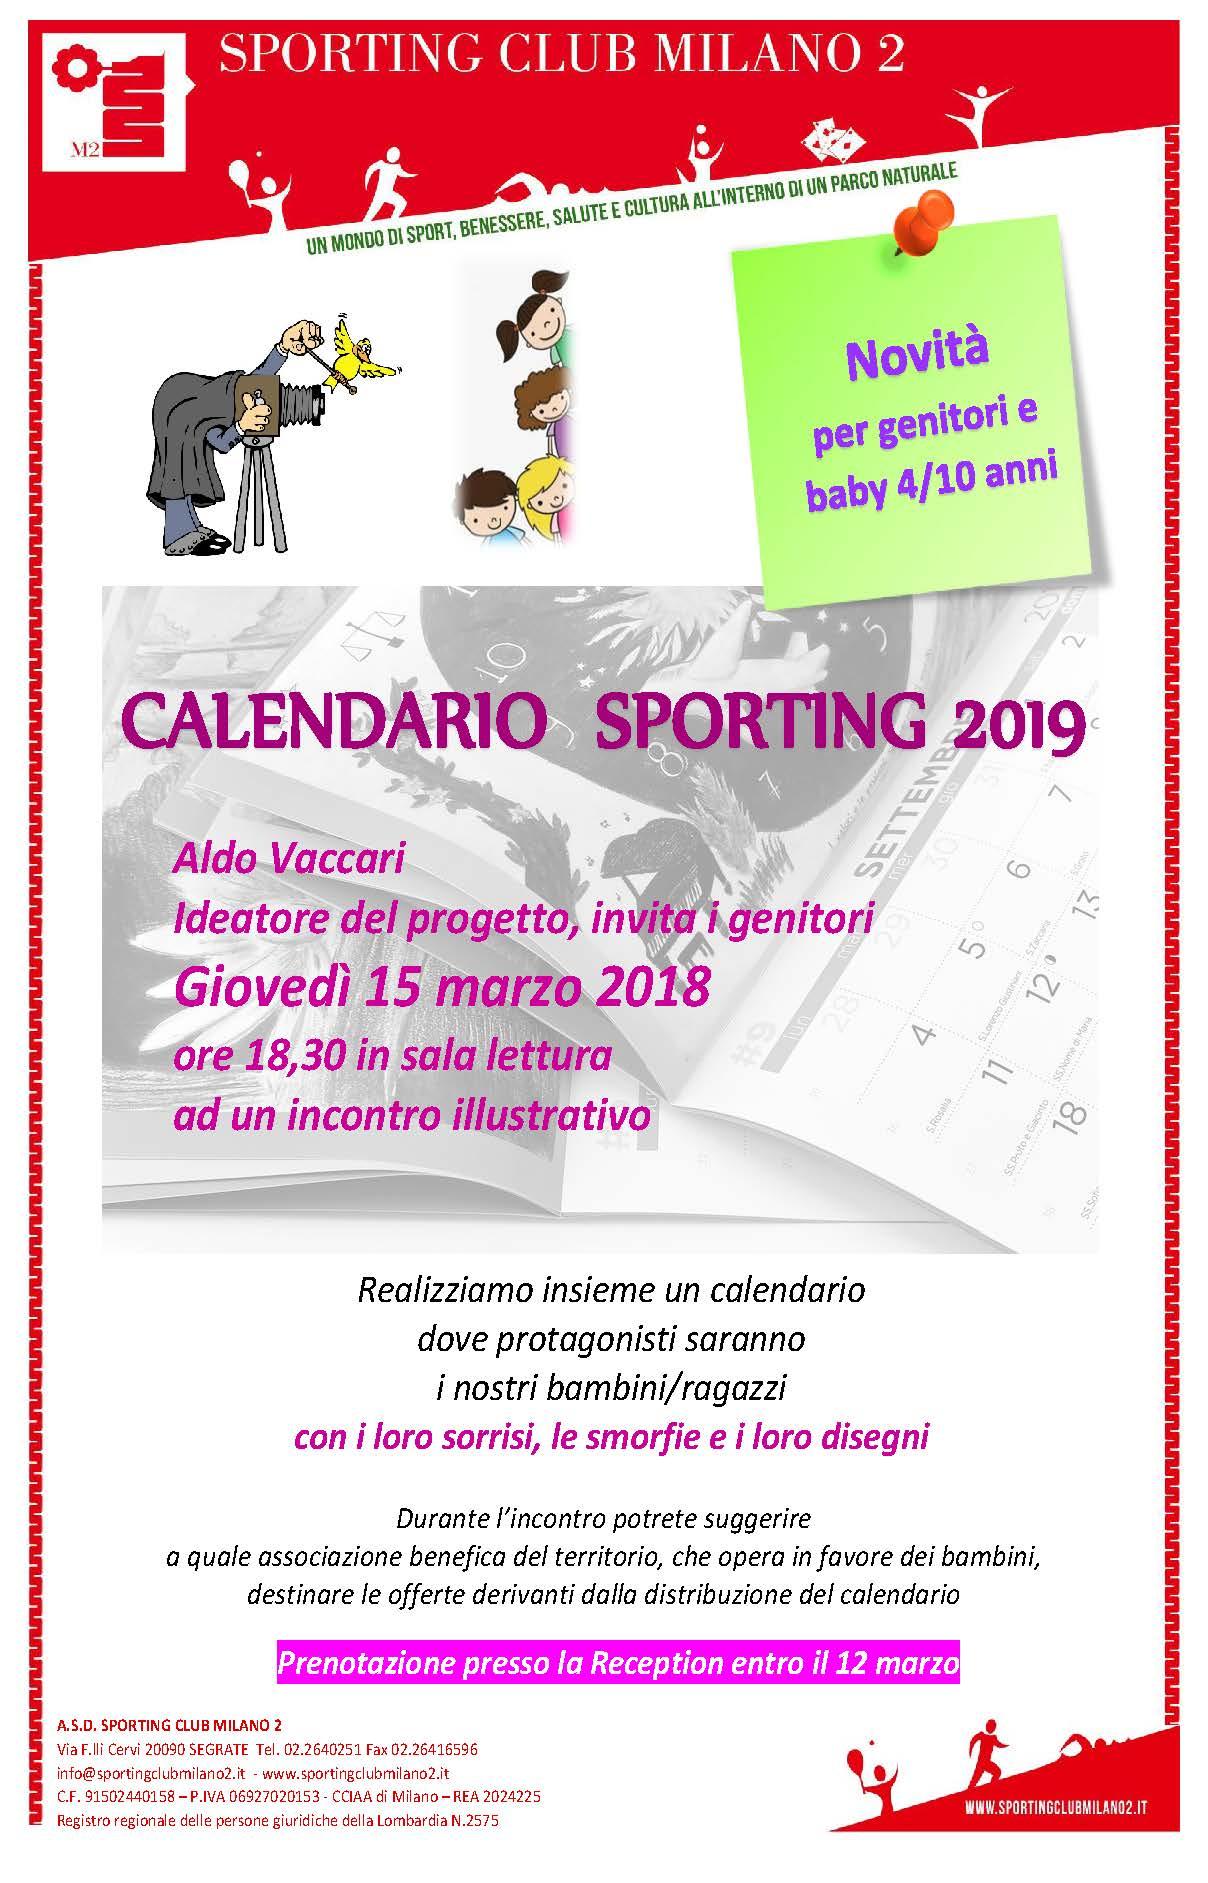 Calendario Milano.Sporting Club Milano 2 Calendario Sporting 2019